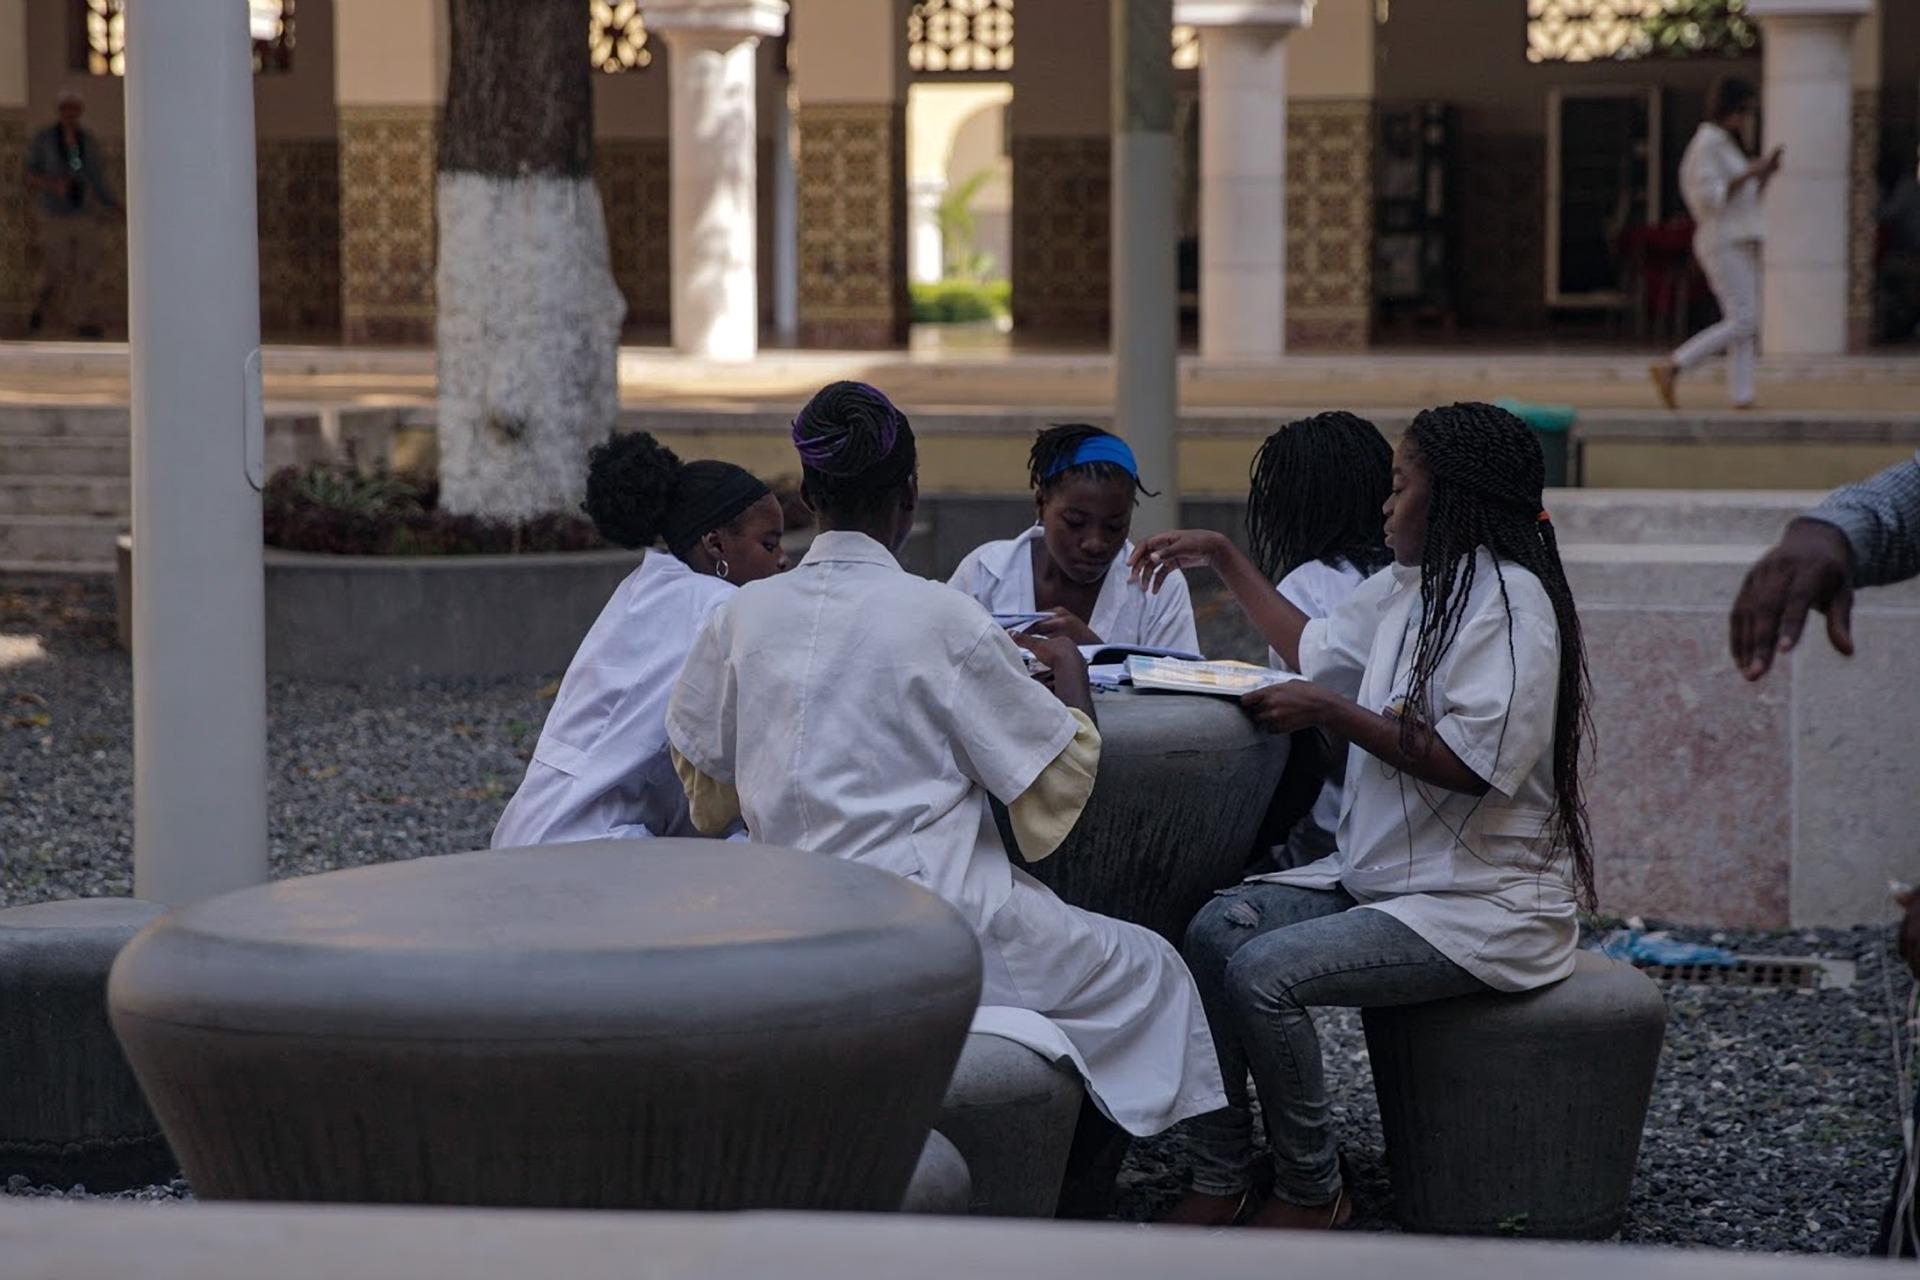 פרויקט פילנתרופיה אסטרטגית של קרן מנומדין באנגולה - מתחם הלימודים פוקוס2050 המציע פלטפורמת למידה דיגיטלית ללא עלות